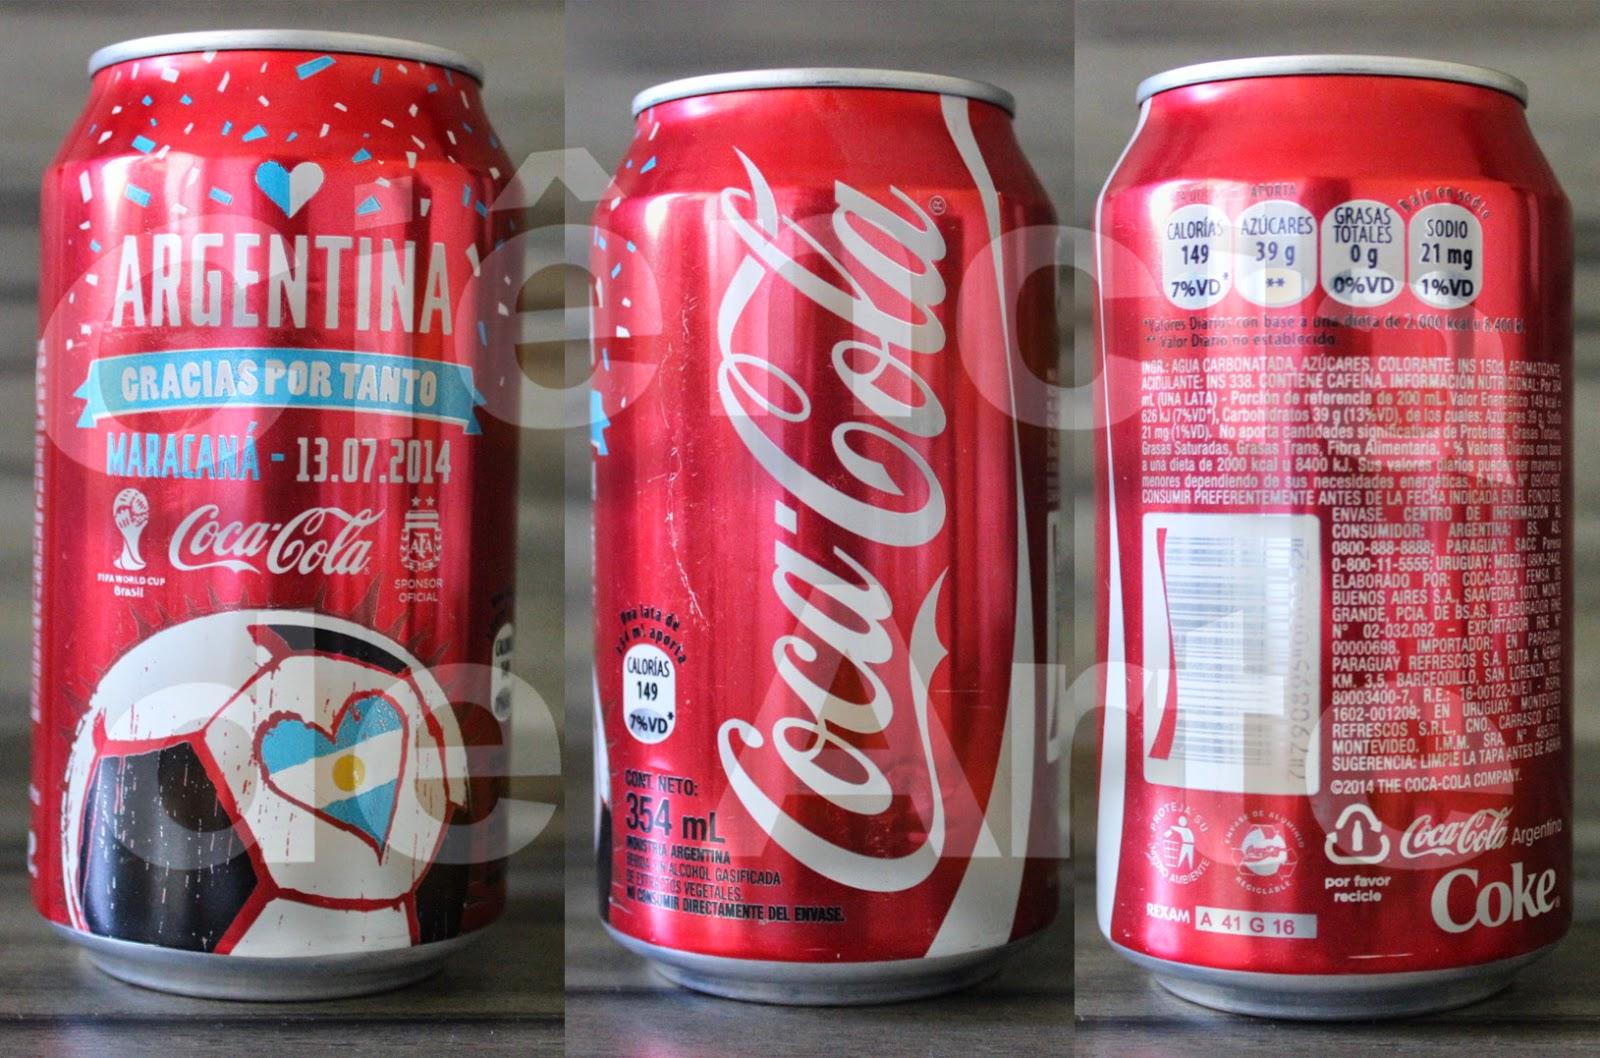 Promoção Coca Cola: a latinha que enaltece a Argentina 1